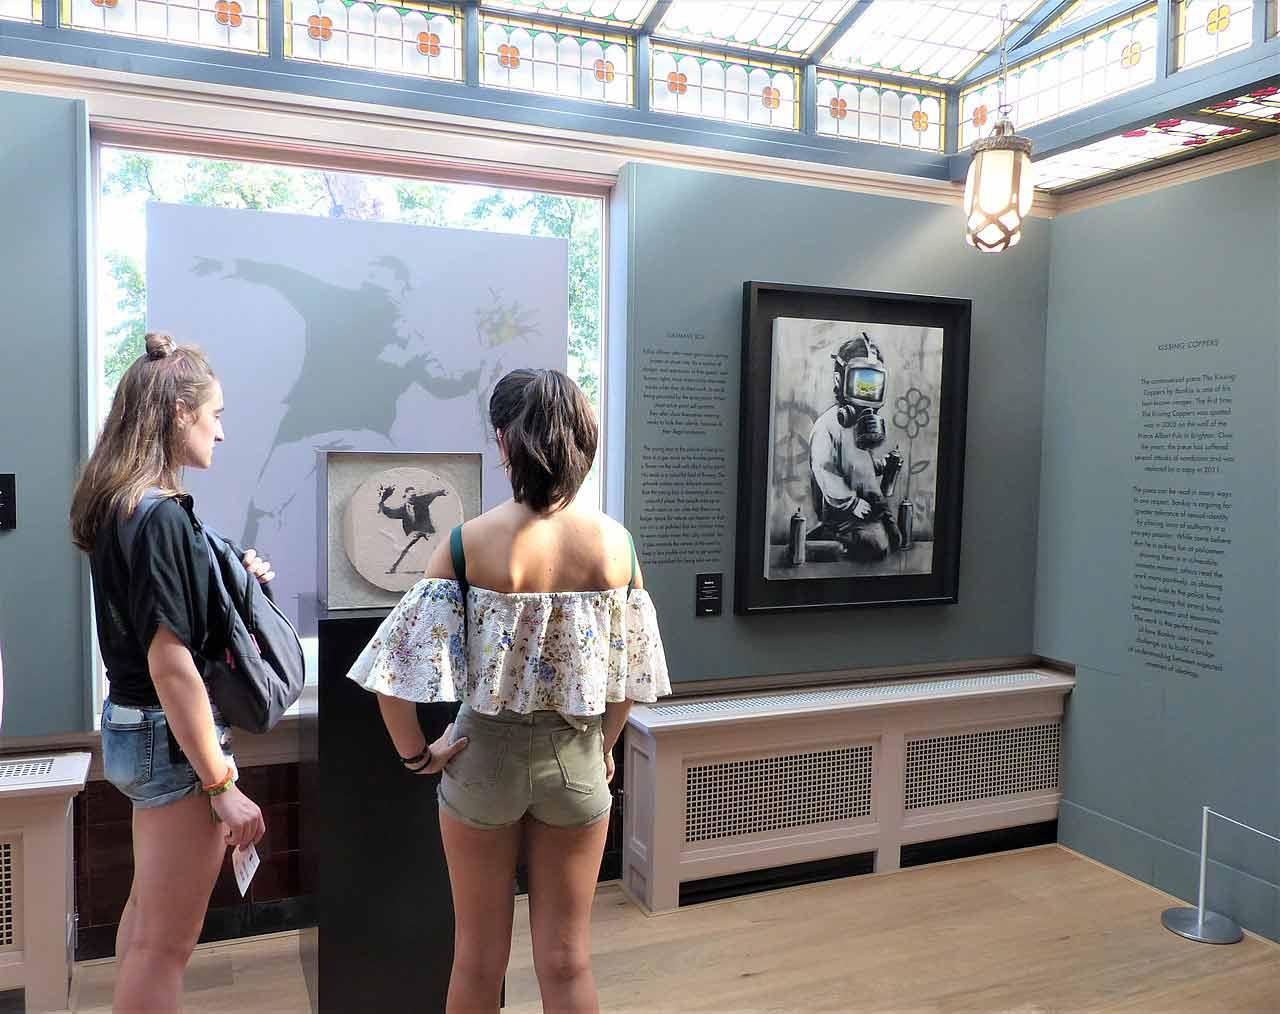 Moco Museum Amsterdam - Öffnungszeiten